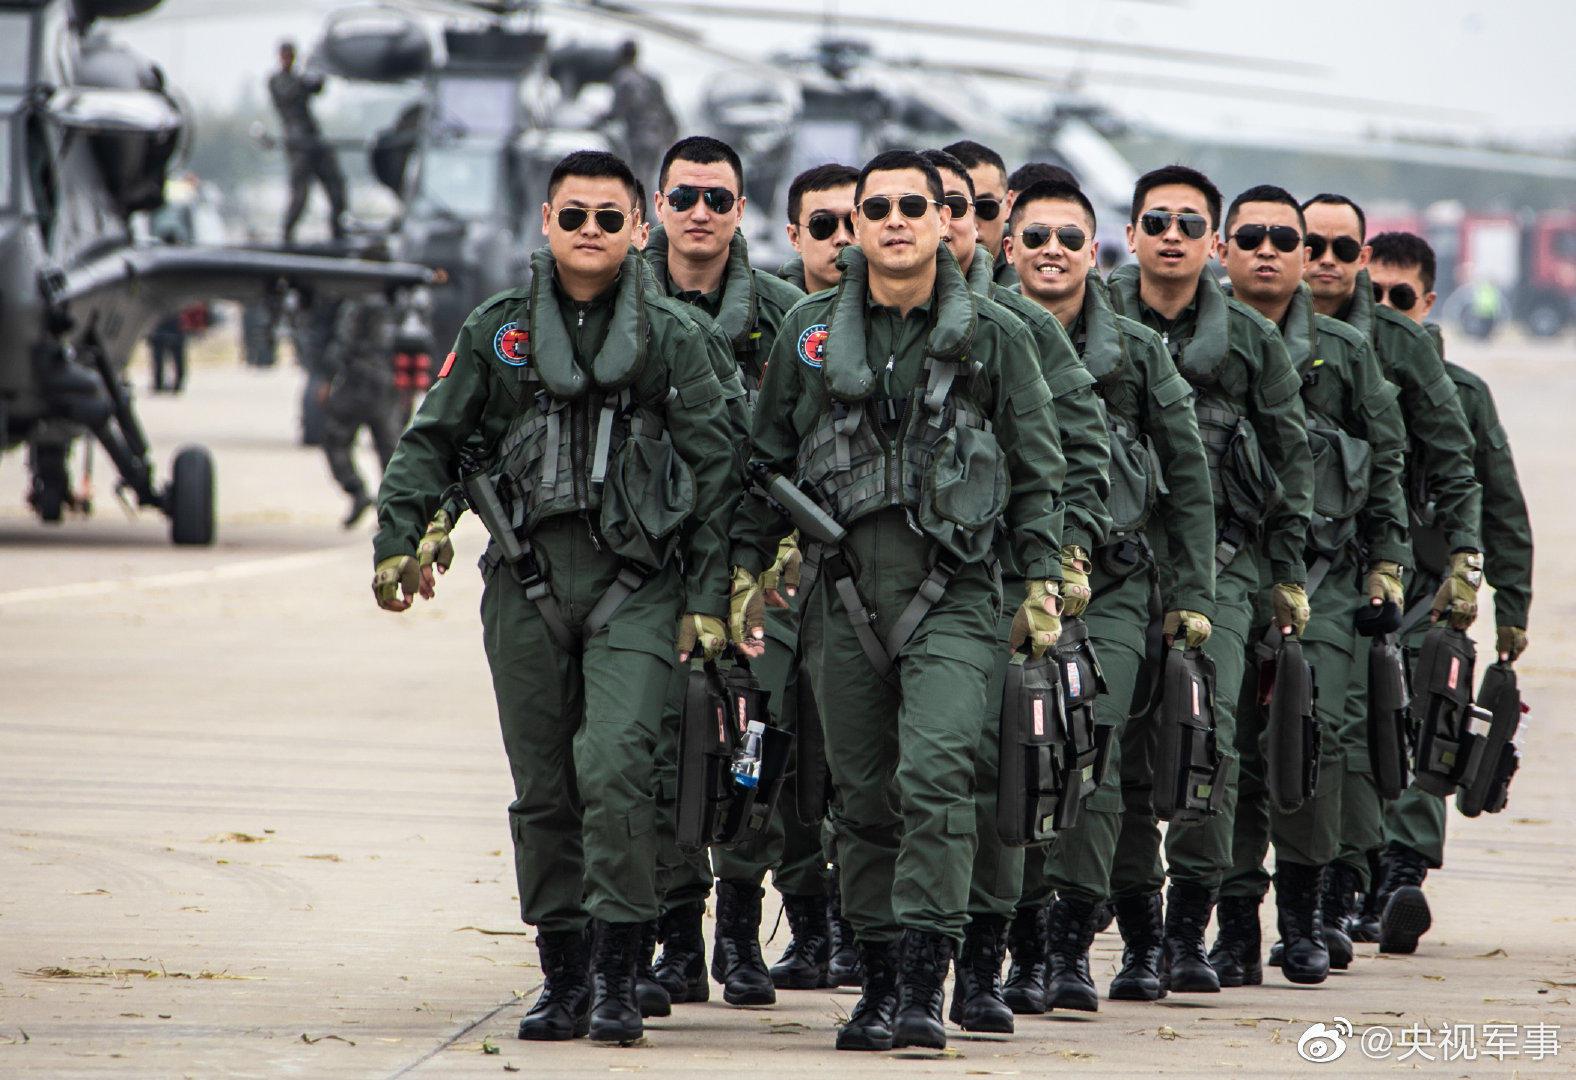 陆军航空兵武装直升机,还有超帅飞行员出镜